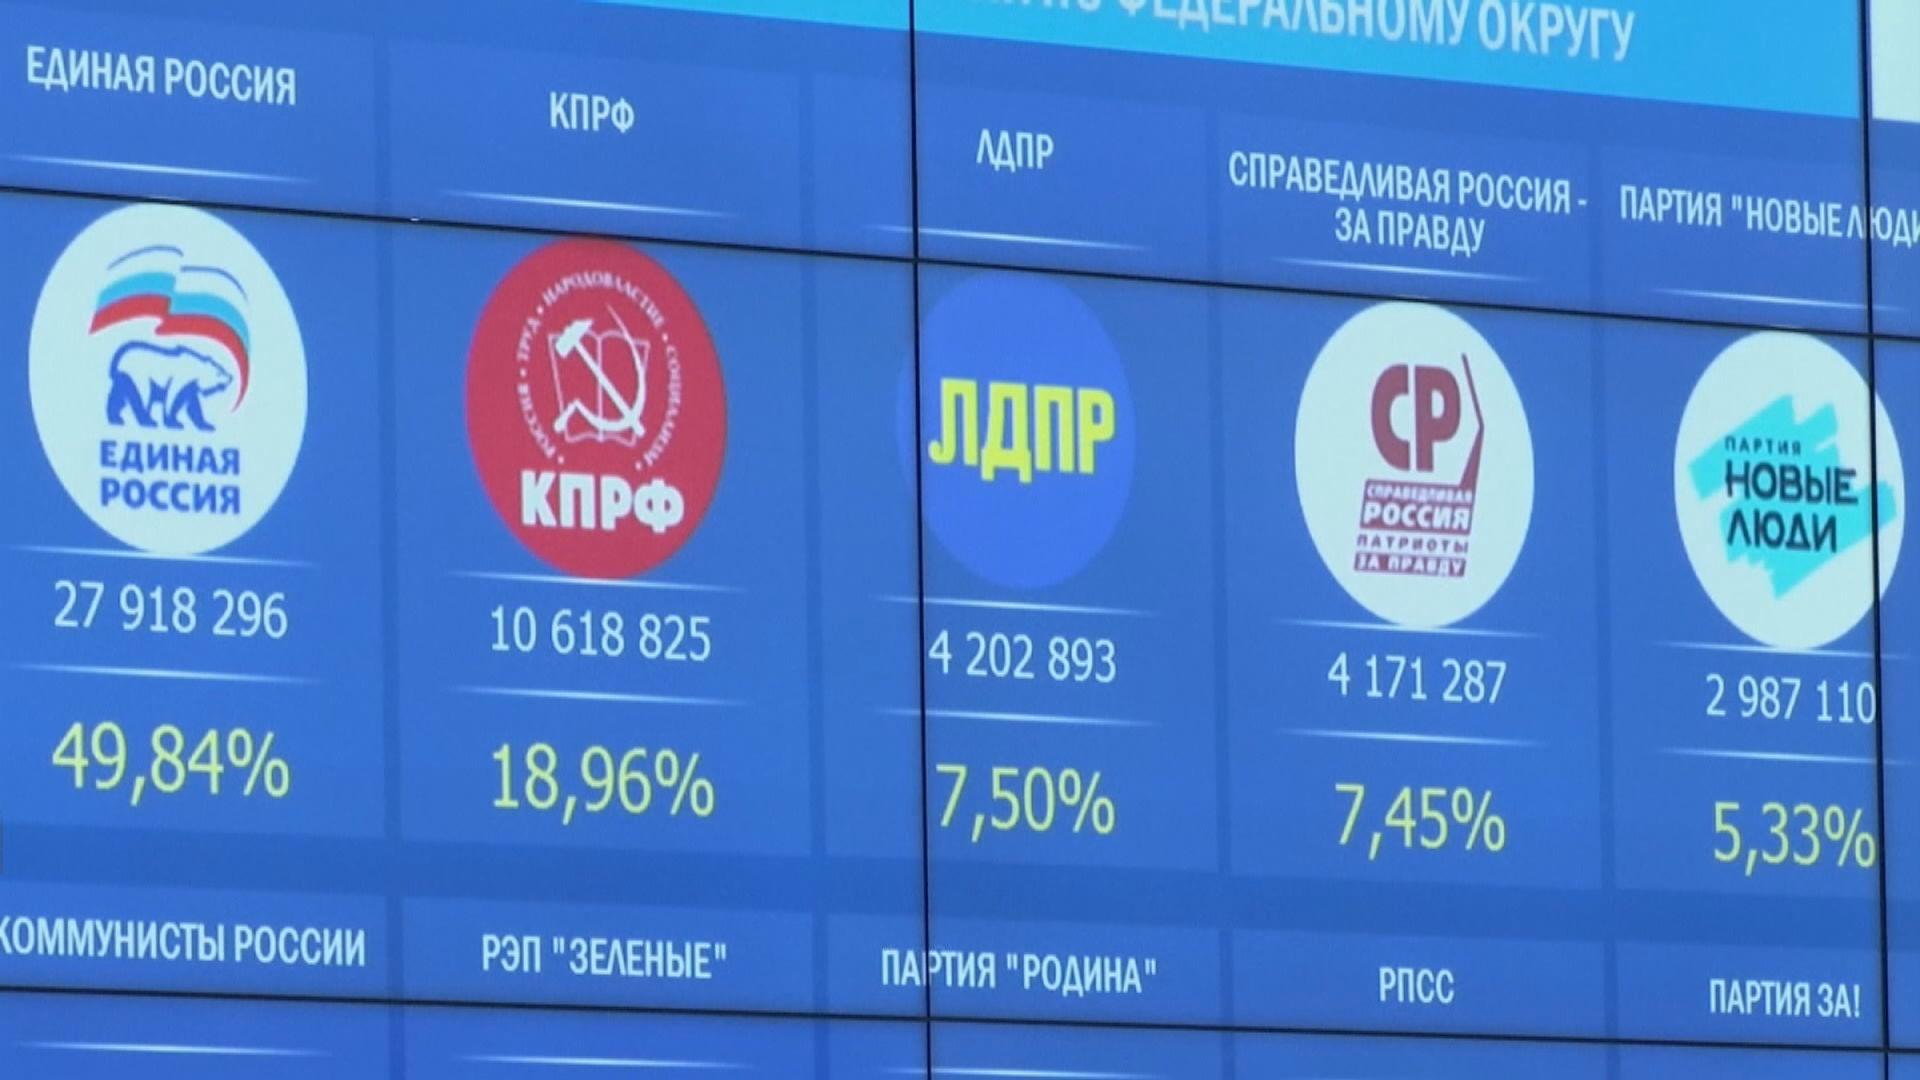 俄羅斯國家杜馬選舉 初步結果顯示親普京政黨勝出